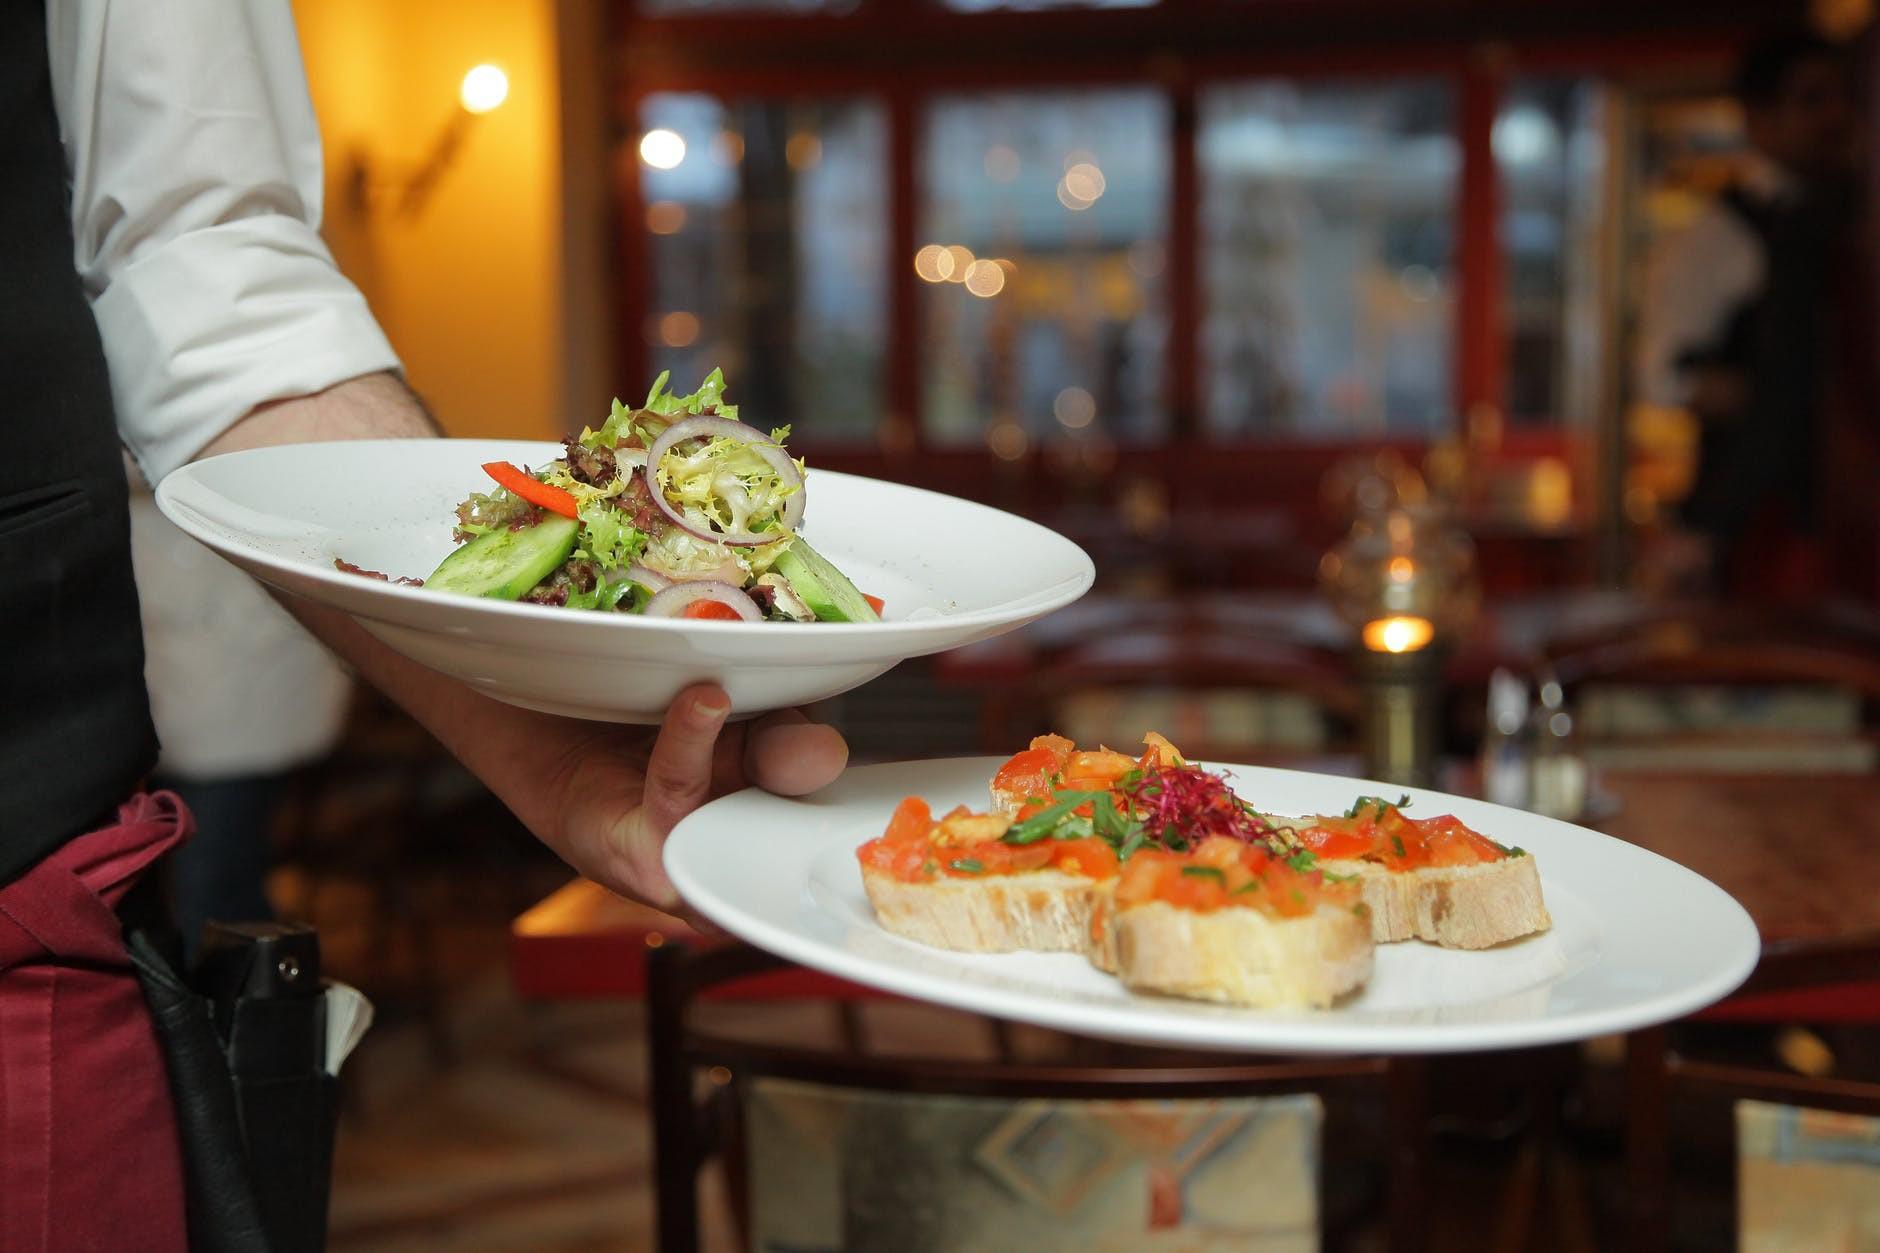 Vì sao vô các khách sạn hay nhà hàng lớn, lại có nơi không cho bạn xách bọc thức ăn thừa mang về?-2